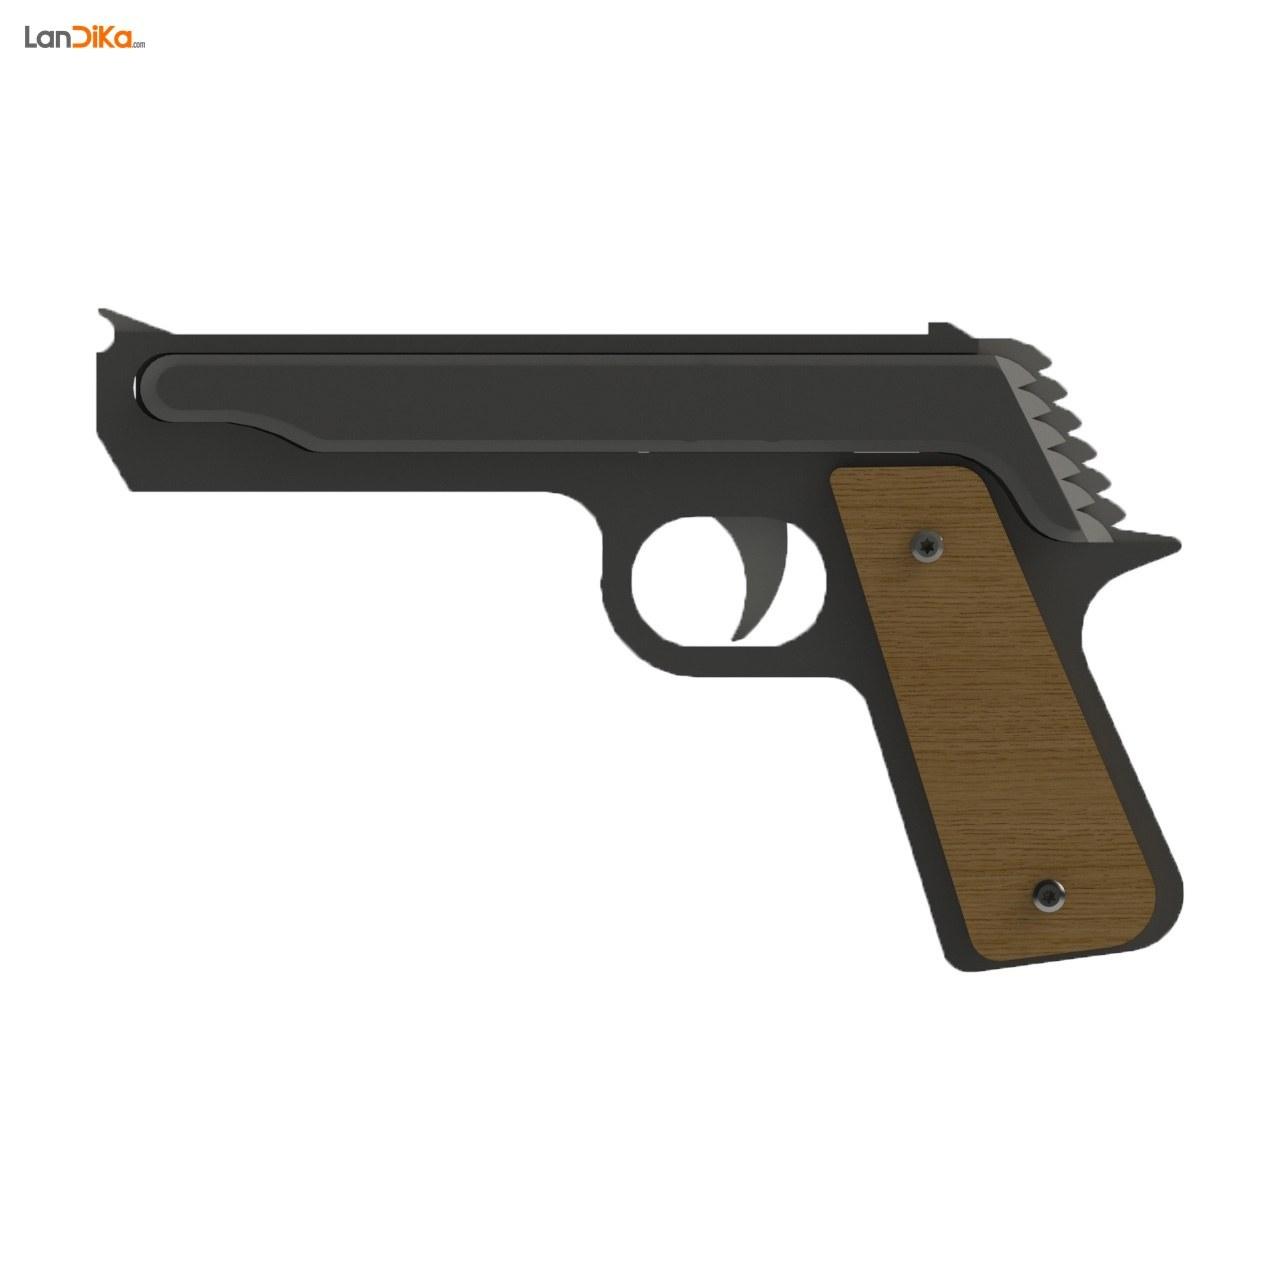 تصویر تفنگ کشی مدل کلت ا rubber band gun rubber band gun